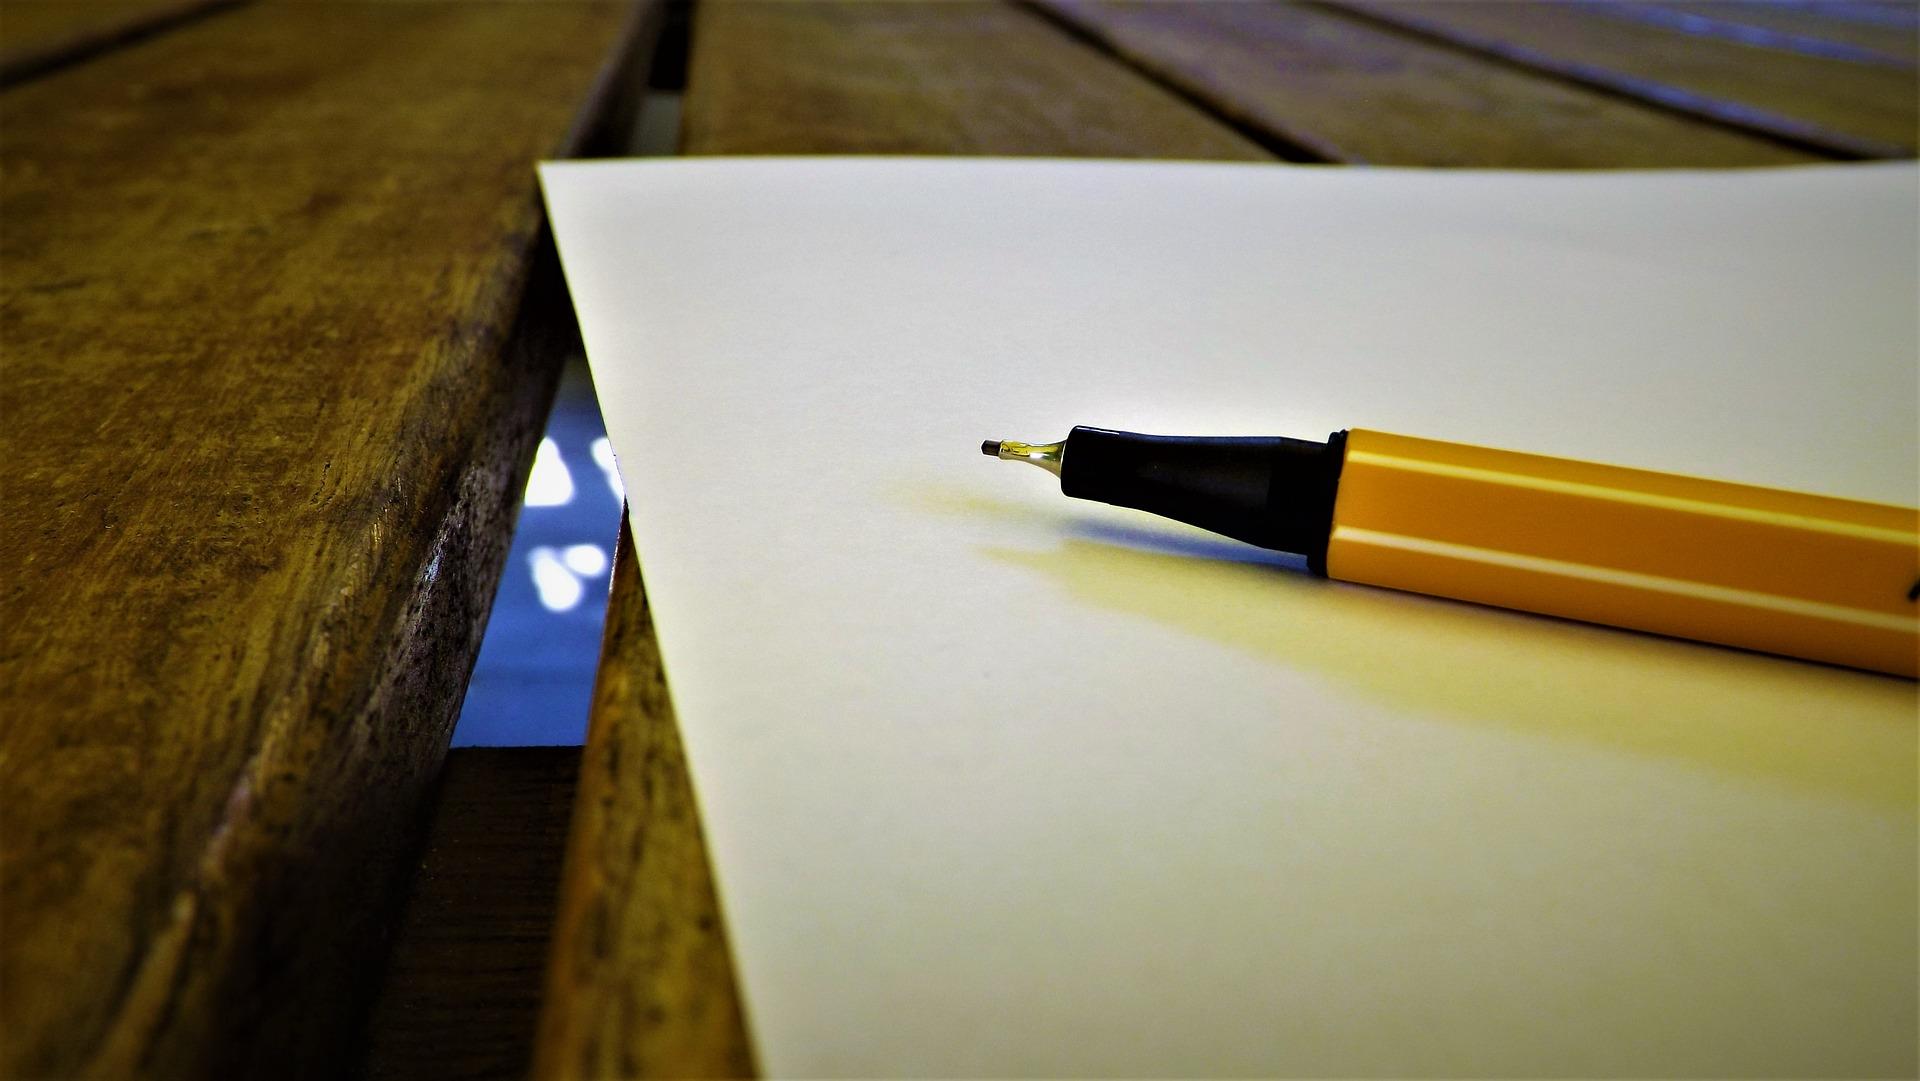 Trauerrede schreiben: Stift auf einem leeren Blatt Papier